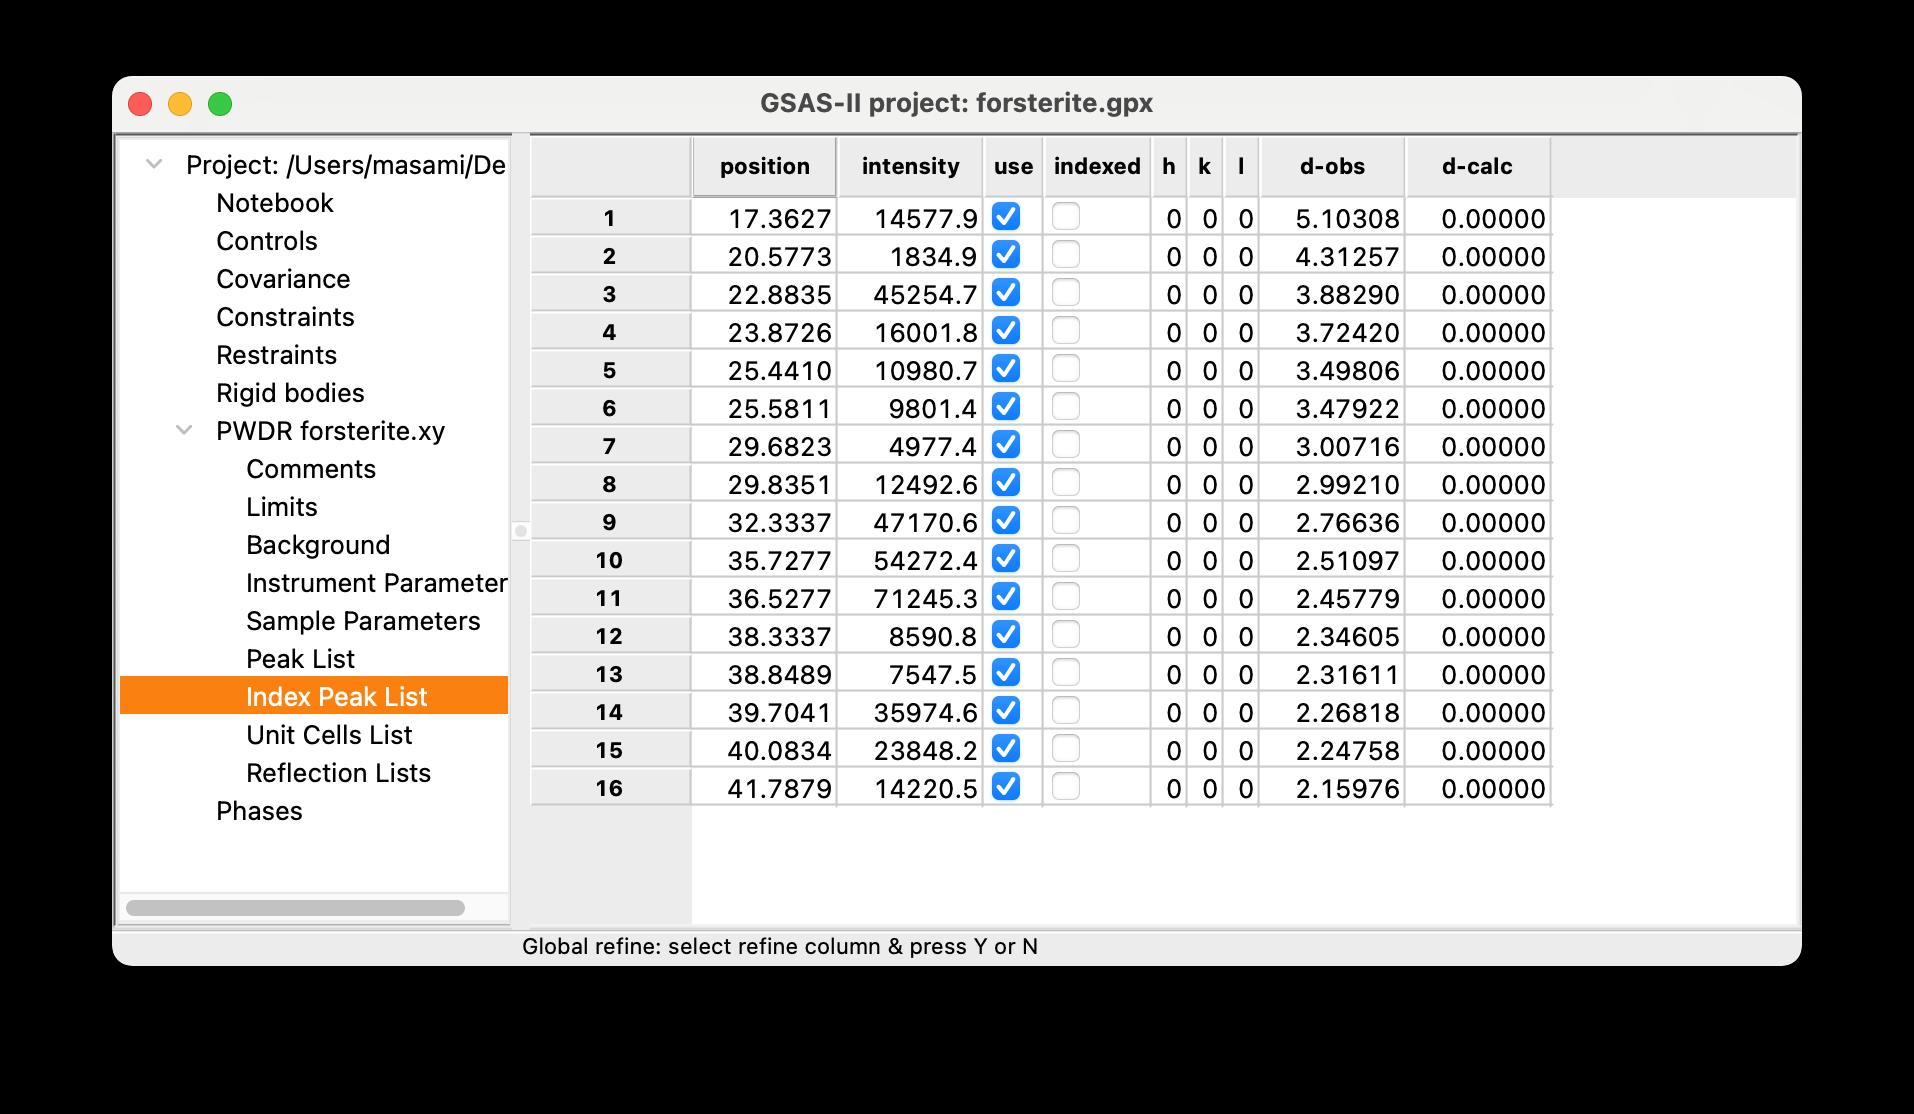 GSAS2-peaklist4index.png